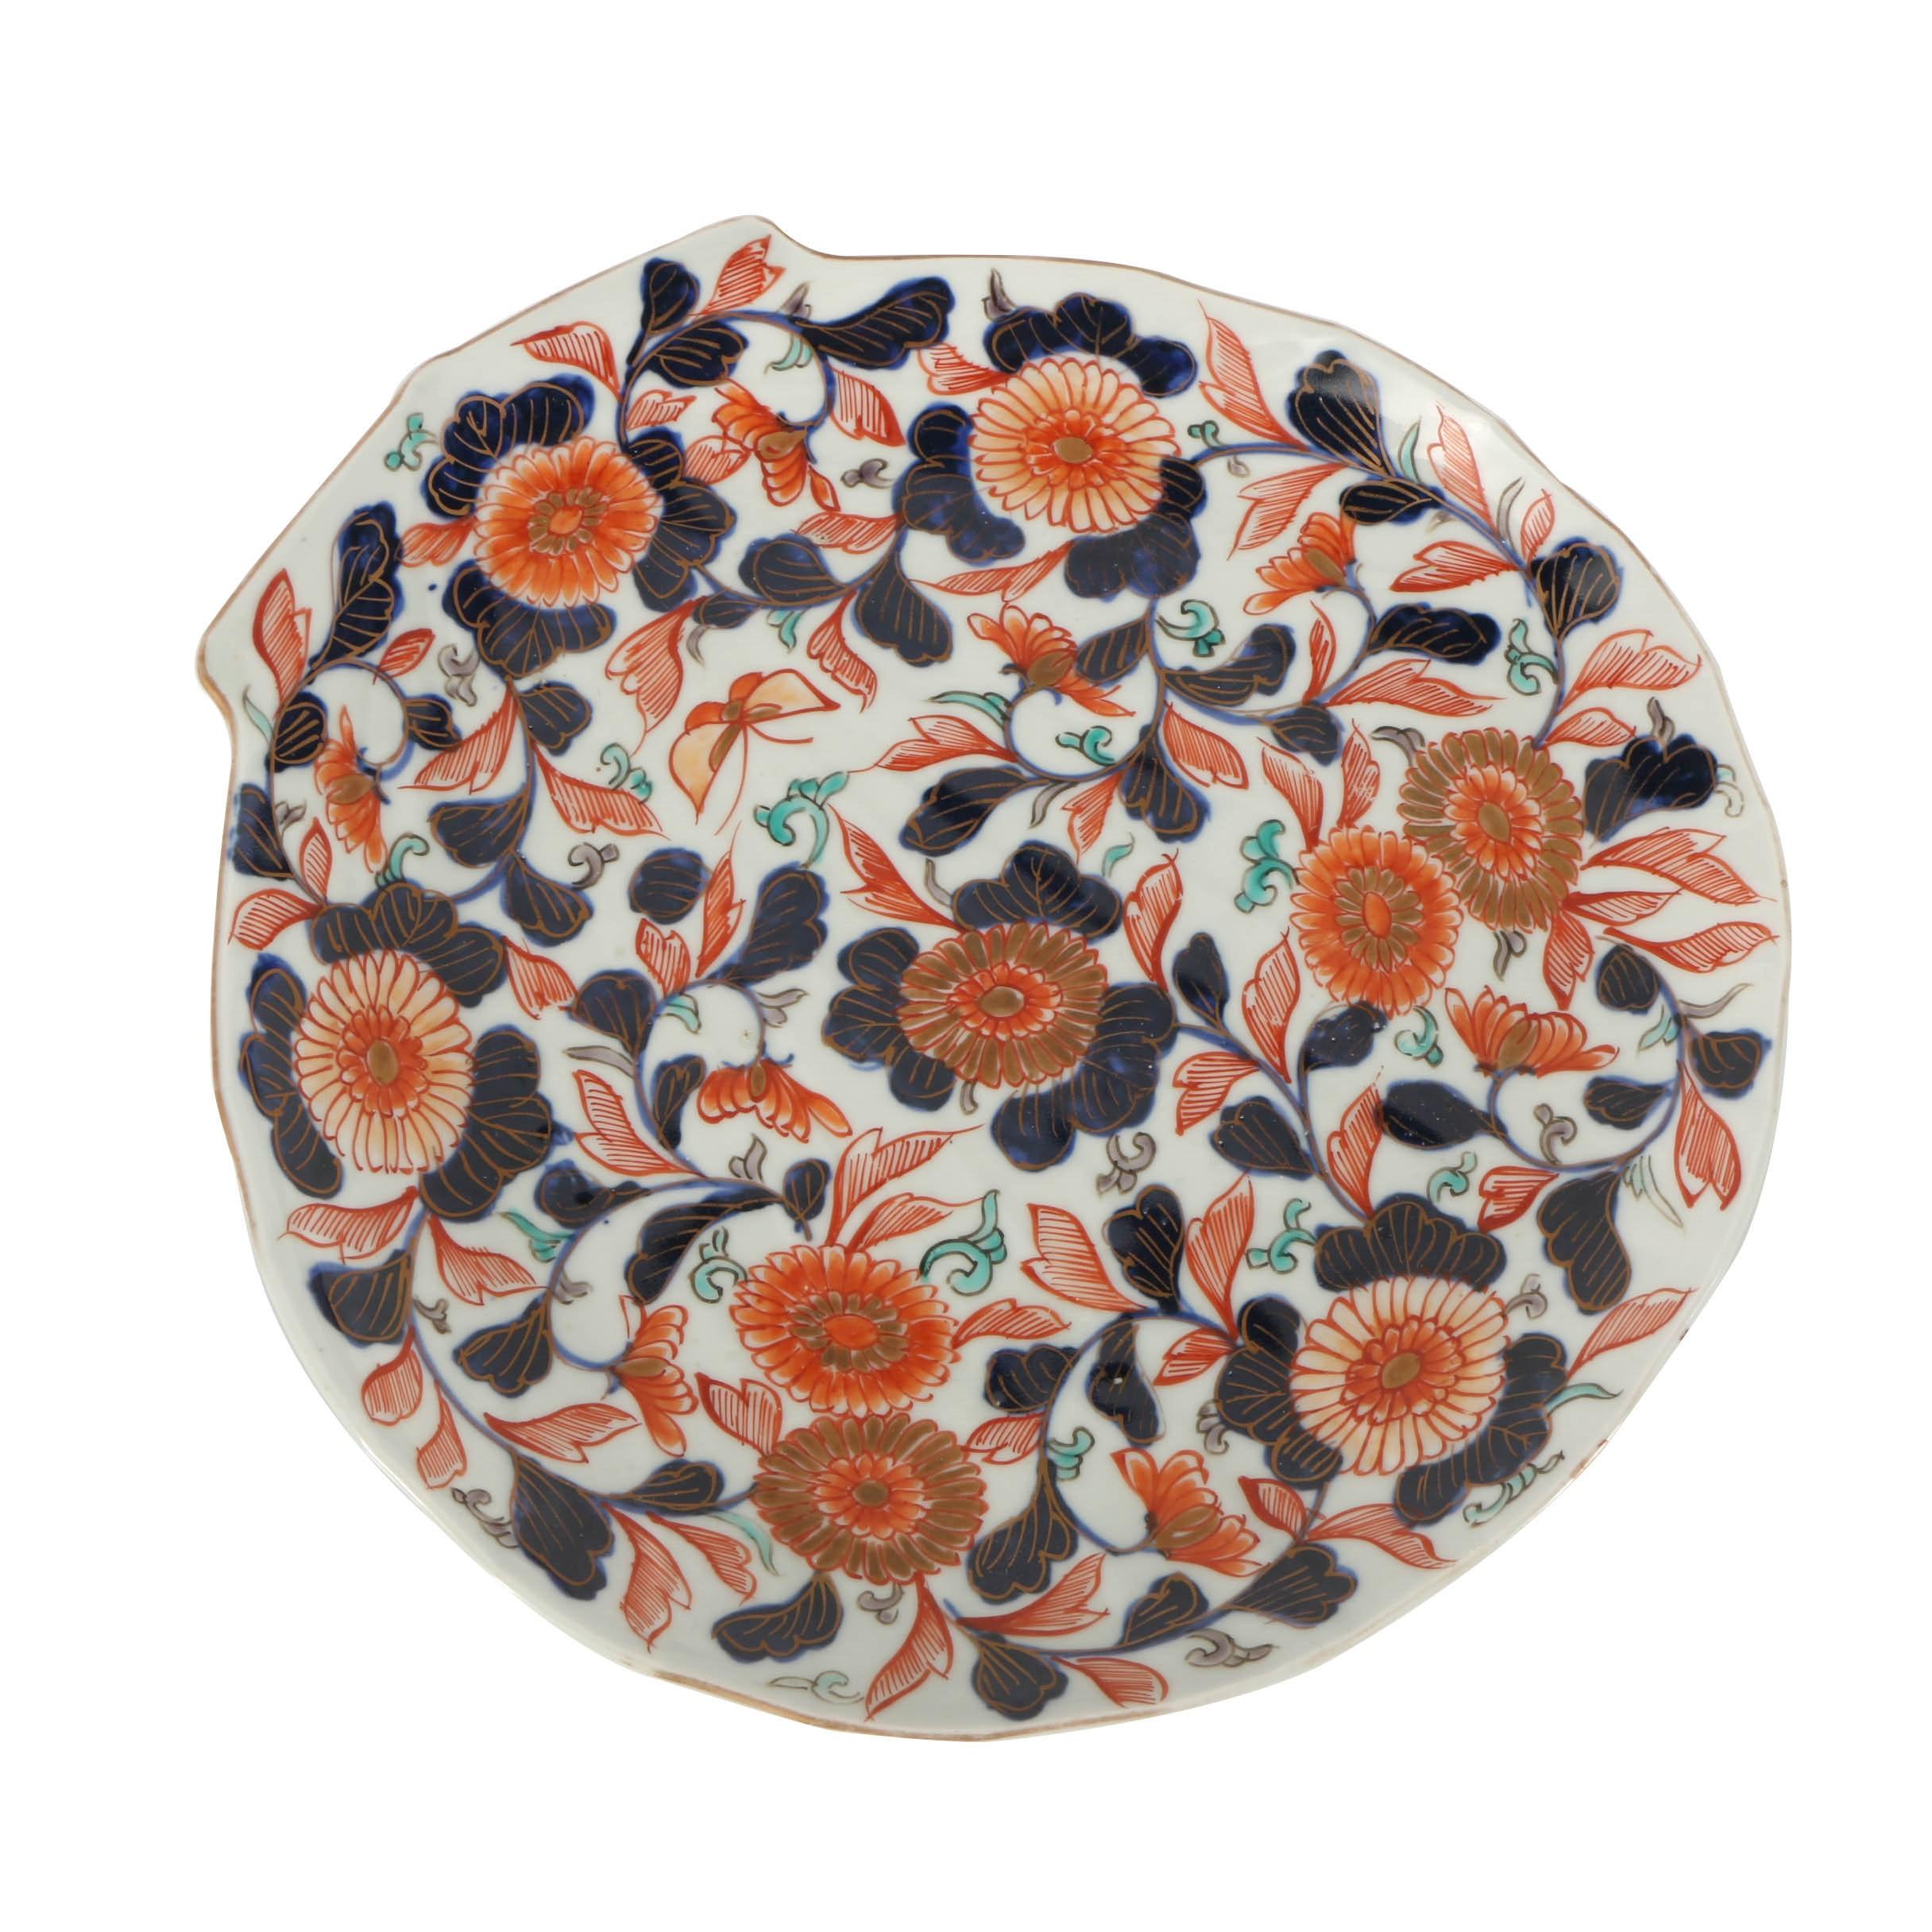 Japanese Imari Enameled Porcelain Shell-Shaped Dish